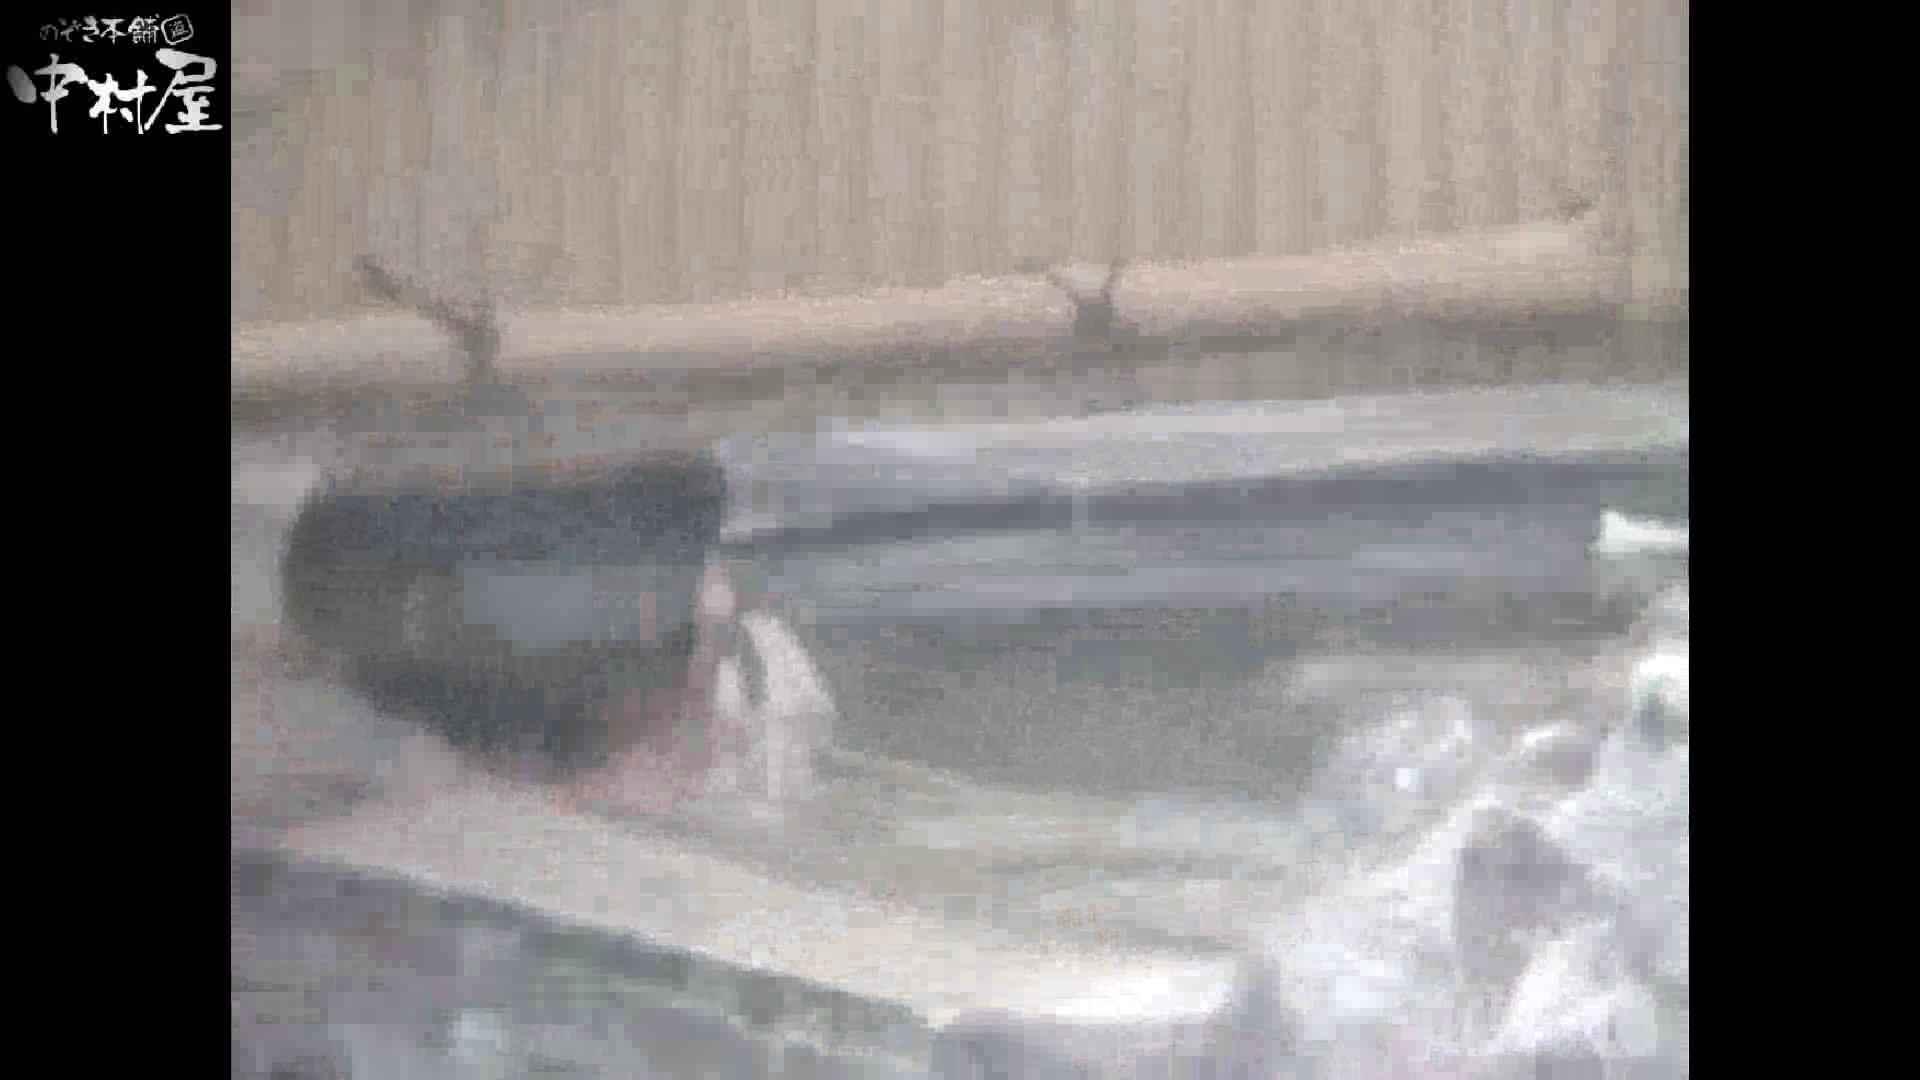 Aquaな露天風呂Vol.880潜入盗撮露天風呂十六判湯 其の七 盗撮シリーズ  111PIX 69